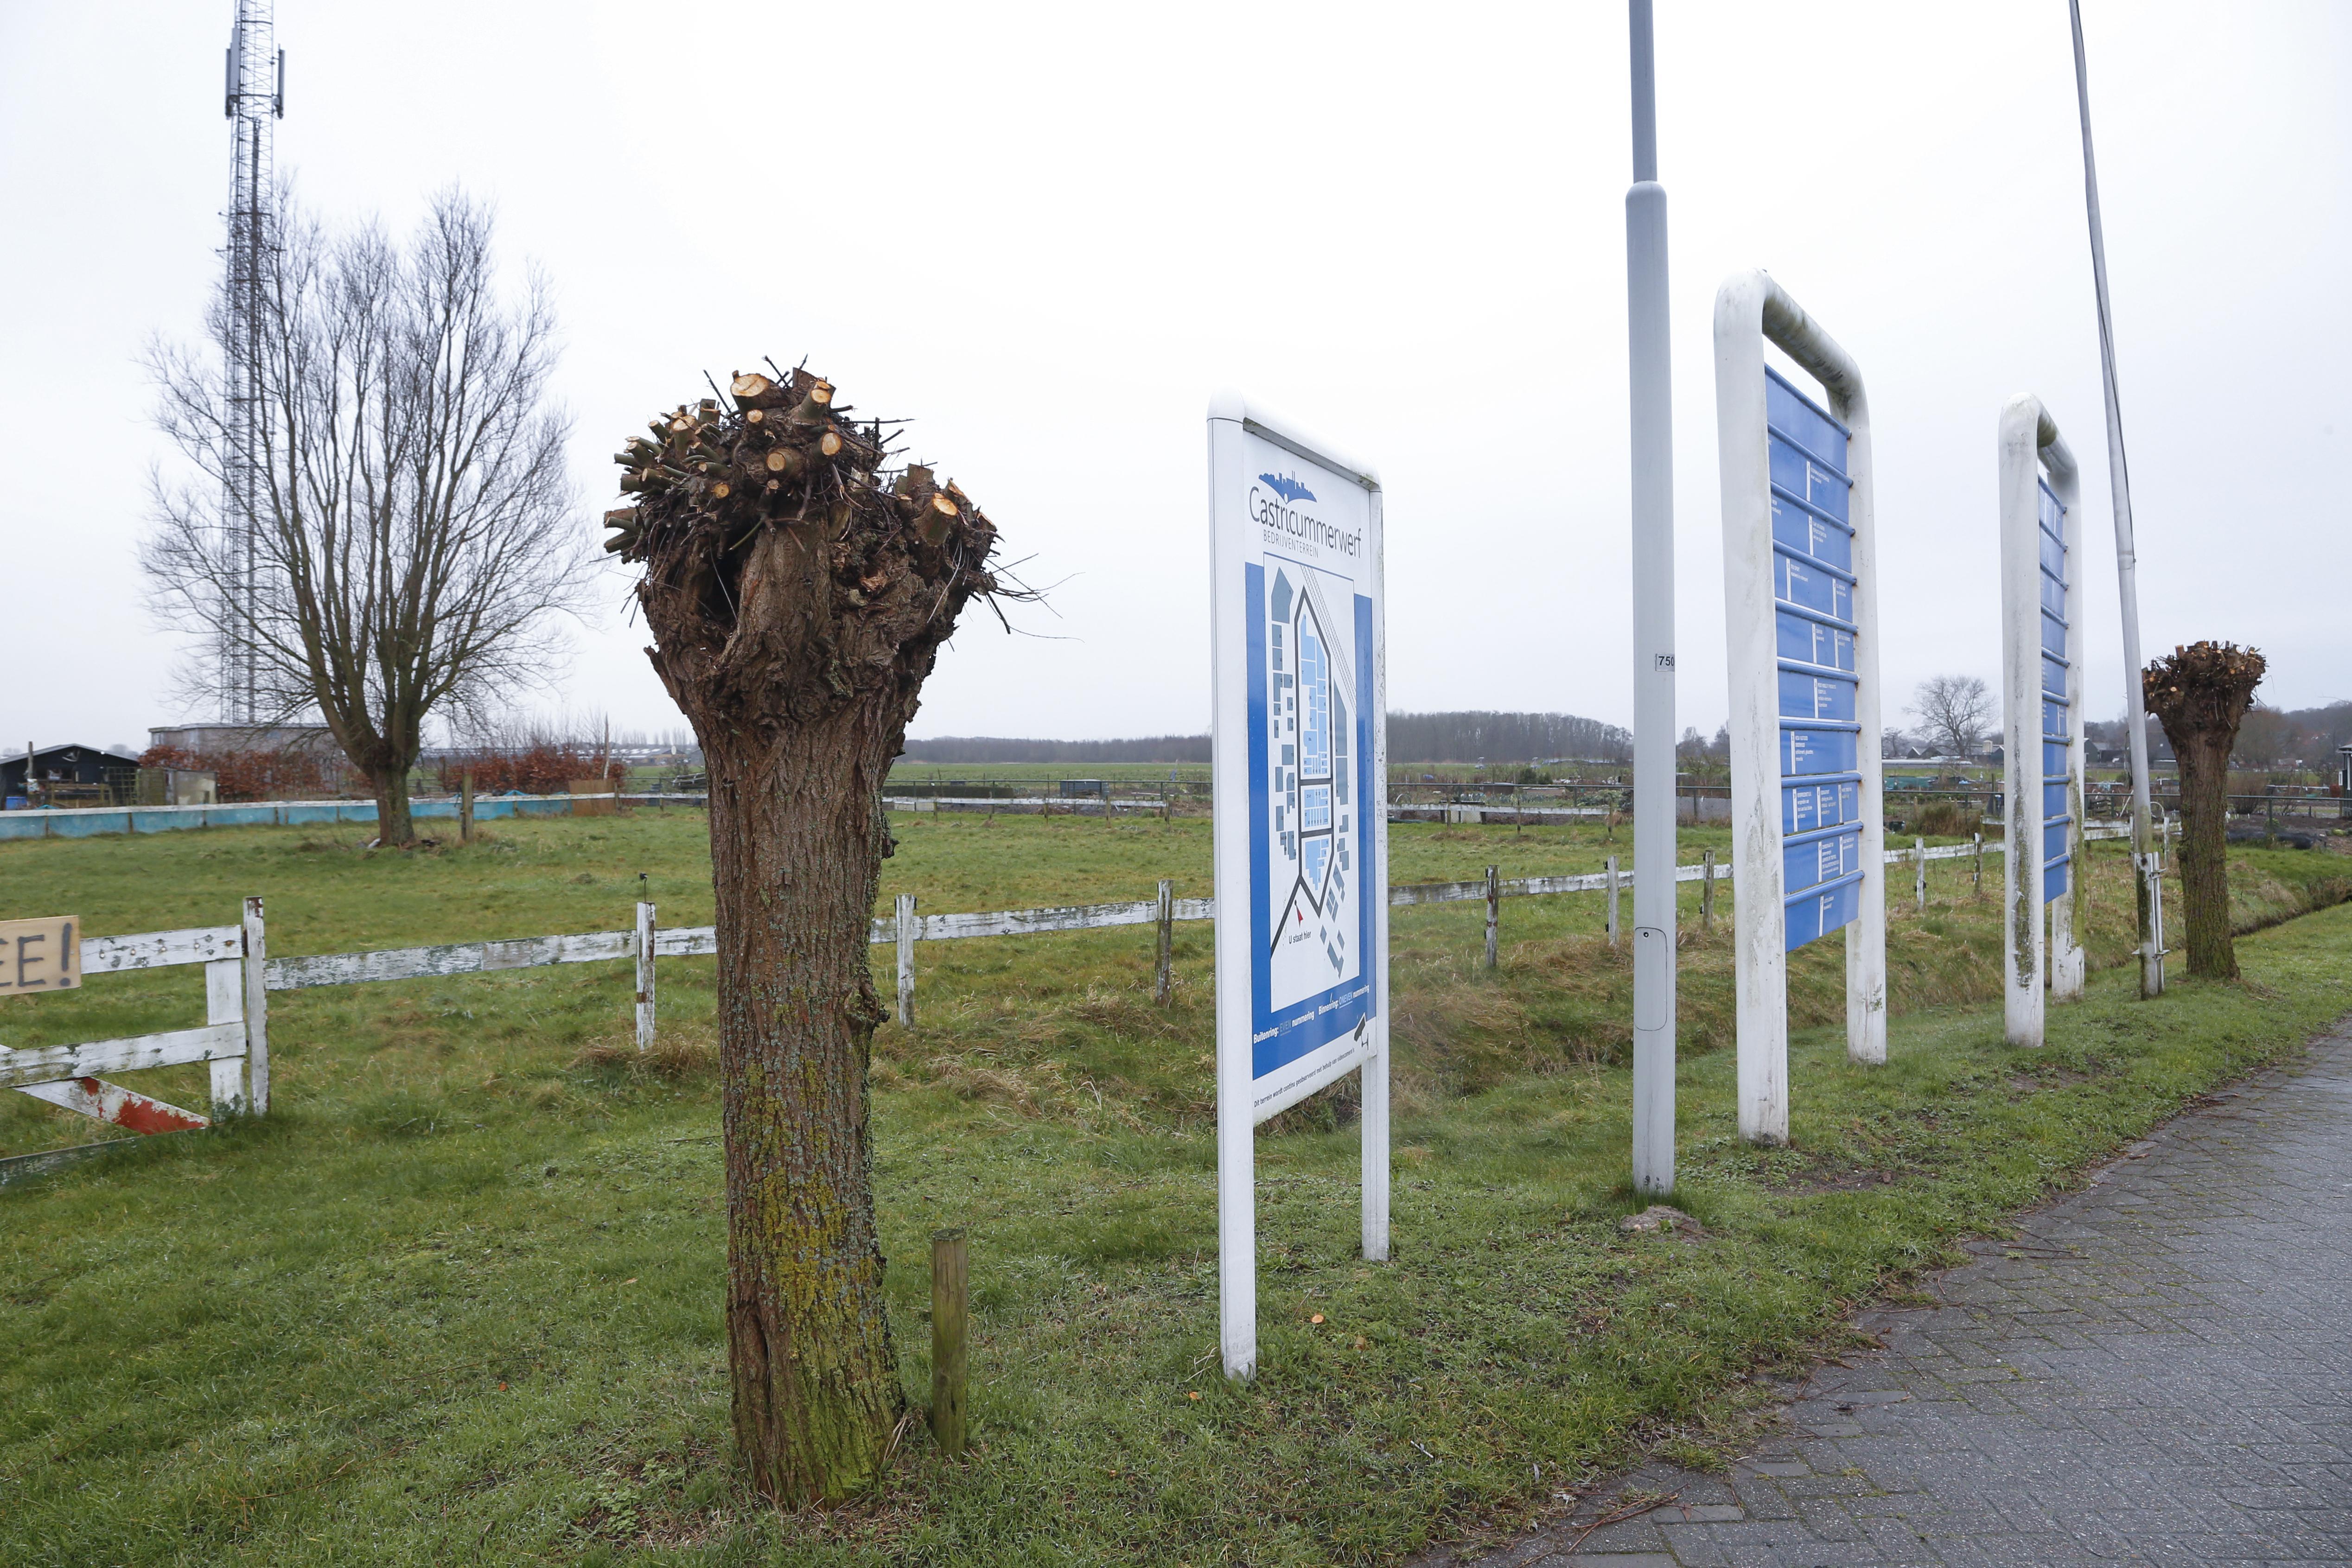 Het verzet tegen containerwoningen op bedrijventerrein Castricummer Werf lijkt vergeefs. De raad wikt, maar het college beschikt